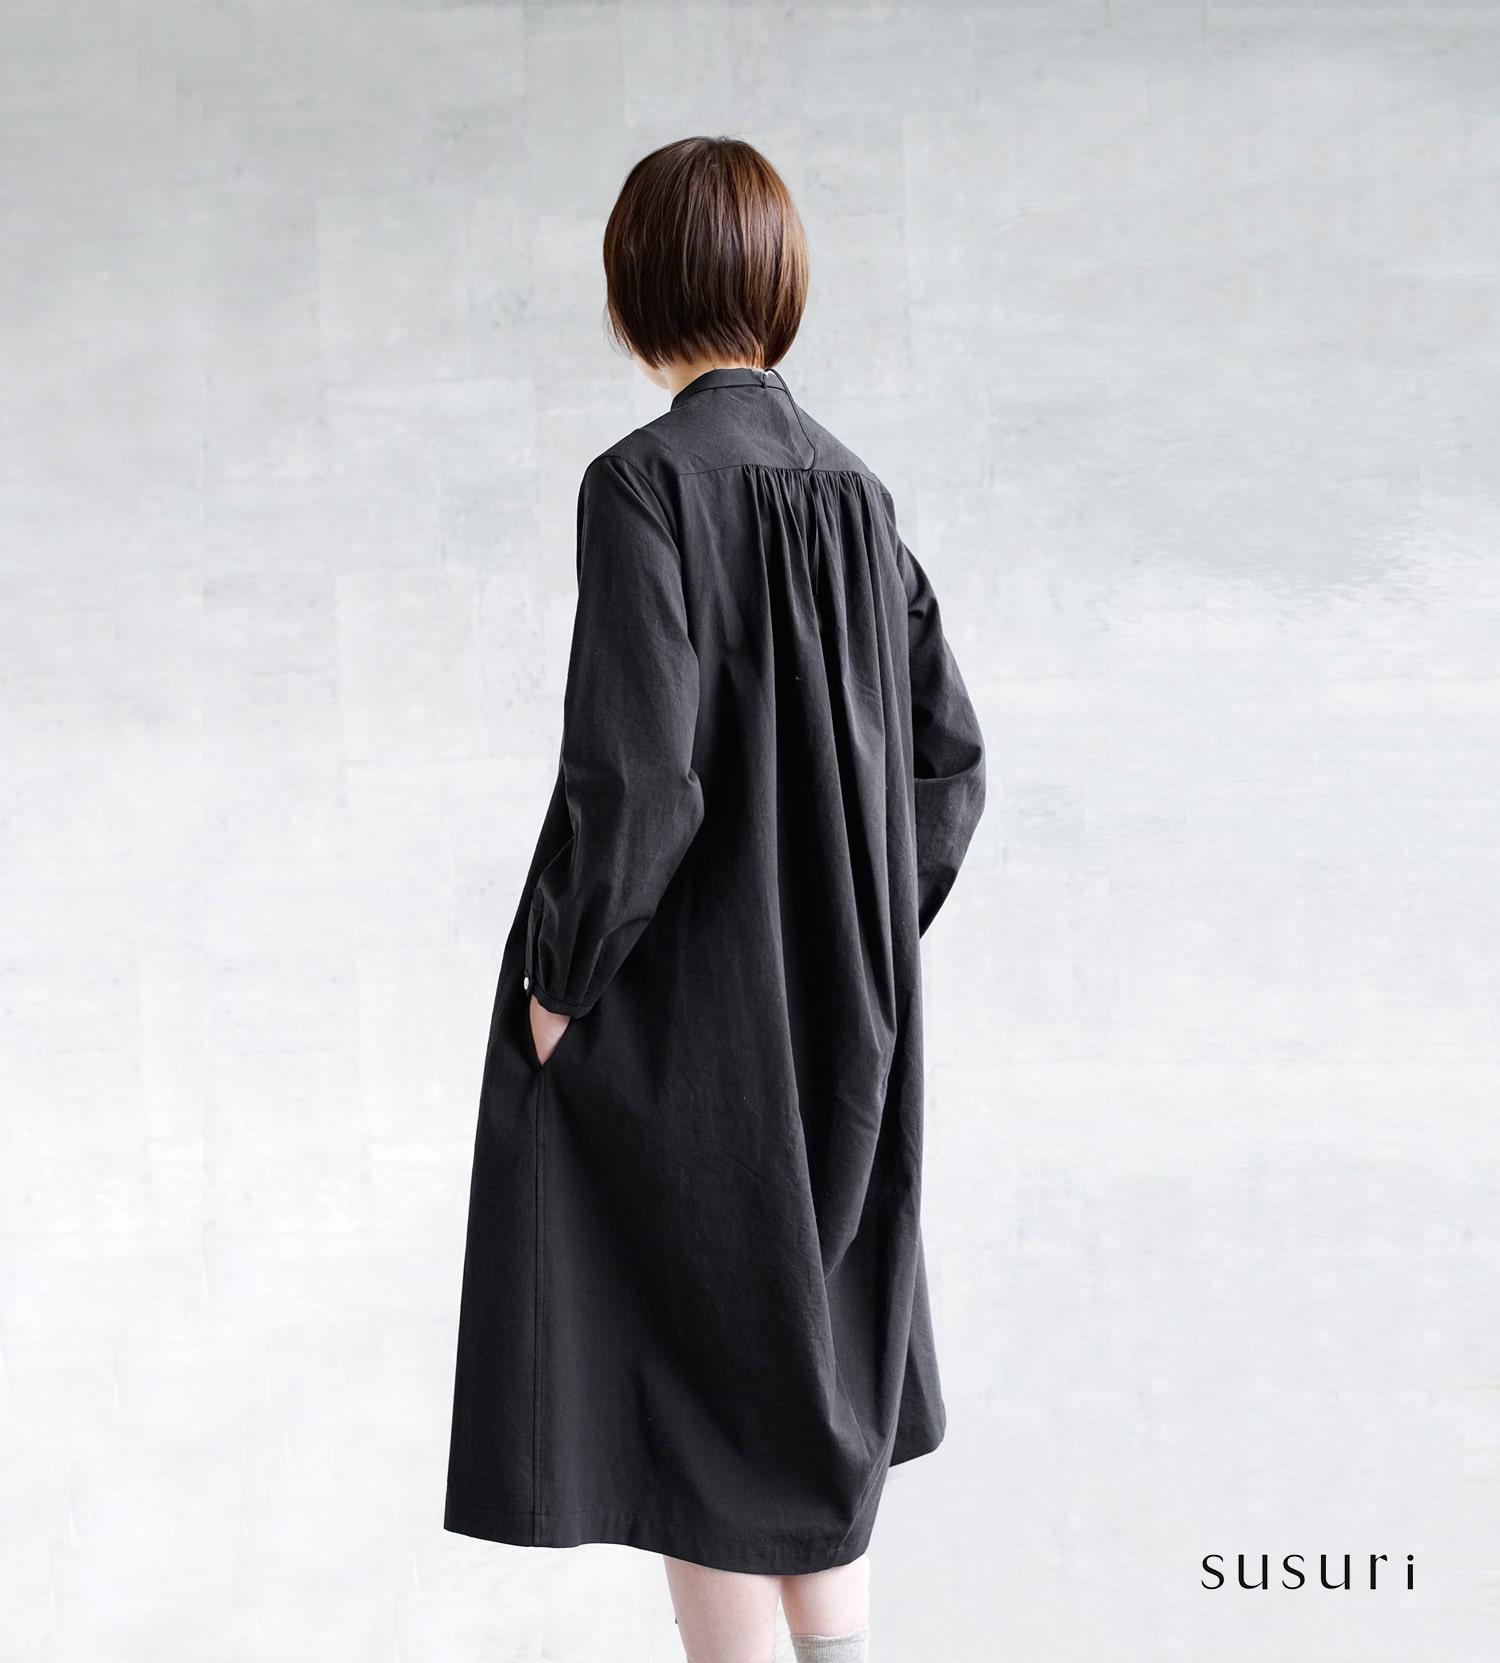 susuri(ススリ)ヘムレンシャツワンピース 19-205